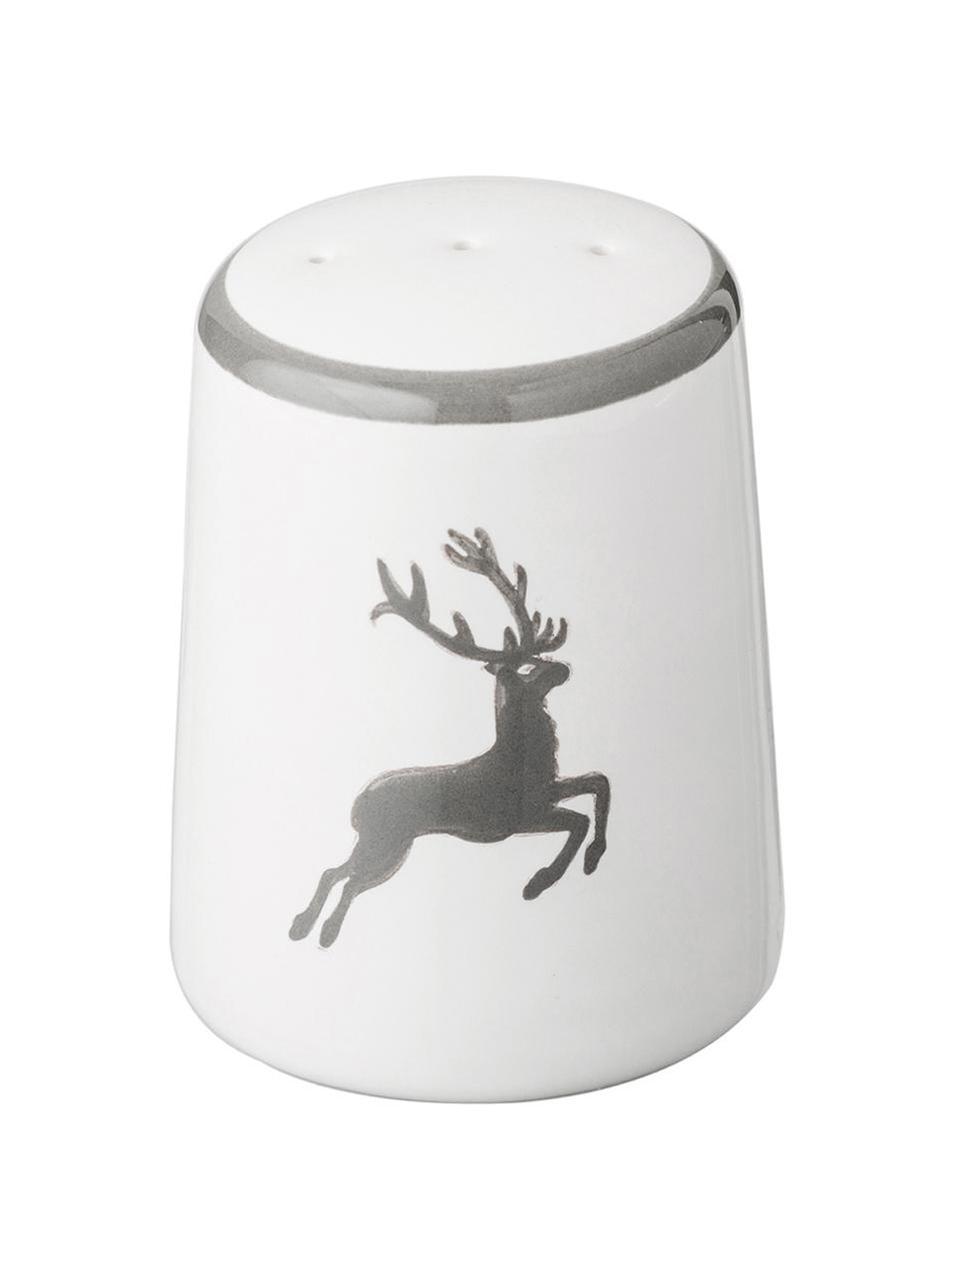 Handbeschilderde peperstrooier Classic Grey Deer, Keramiek, Grijs, wit, 4 x 6 cm